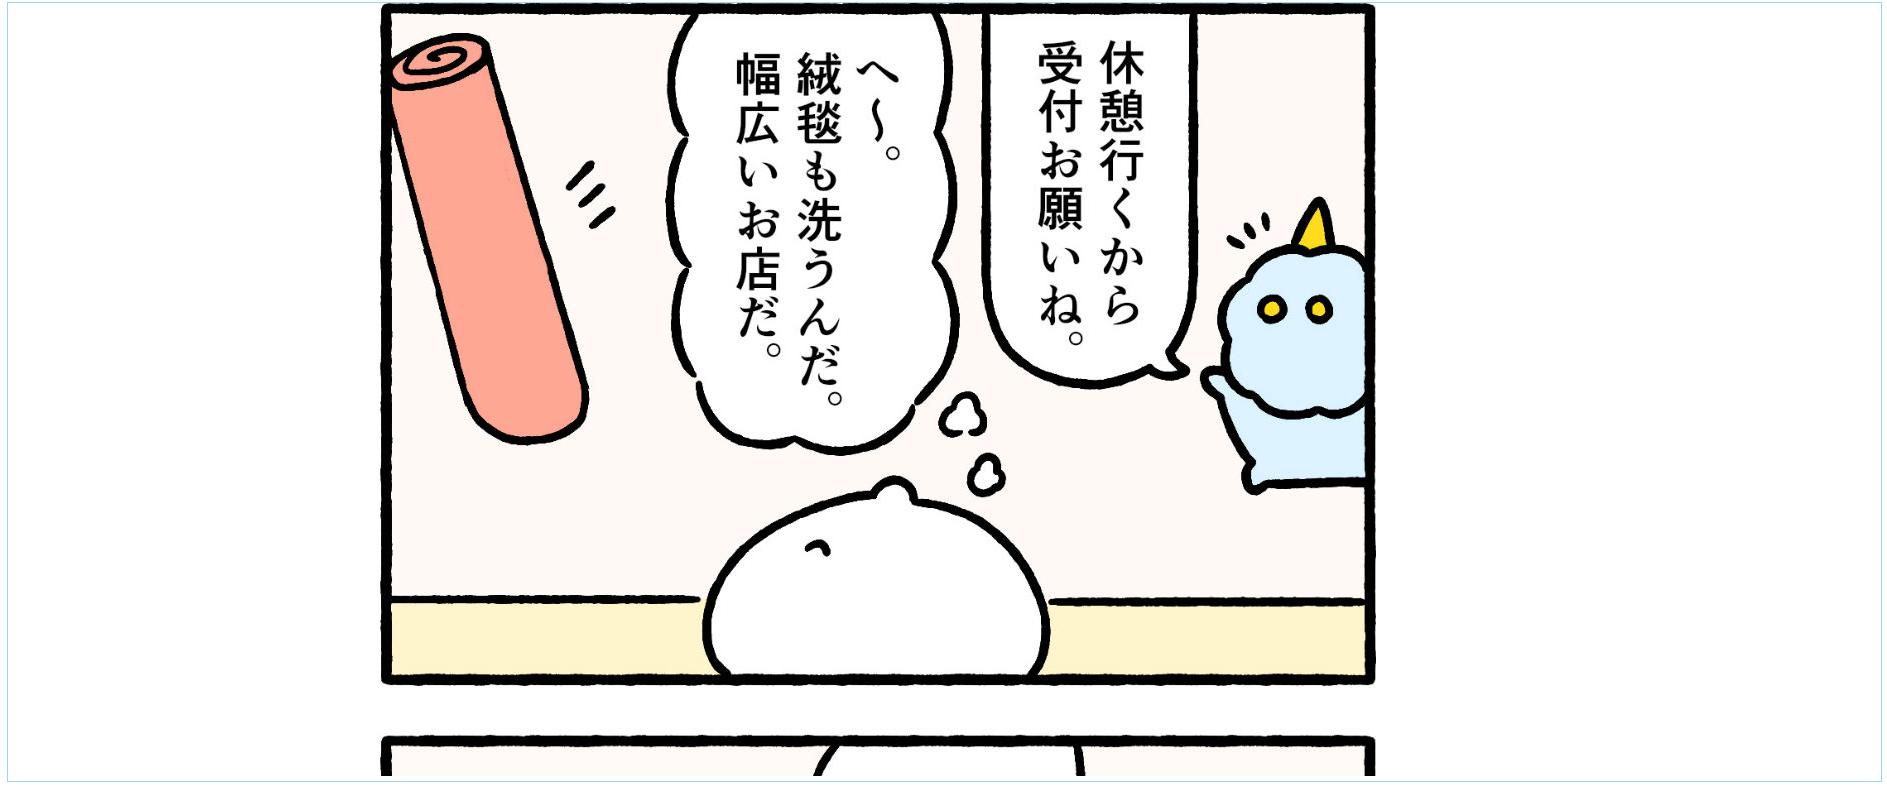 """【4コマ】宇宙の""""クリーニング屋"""" 作:STUDY優作"""